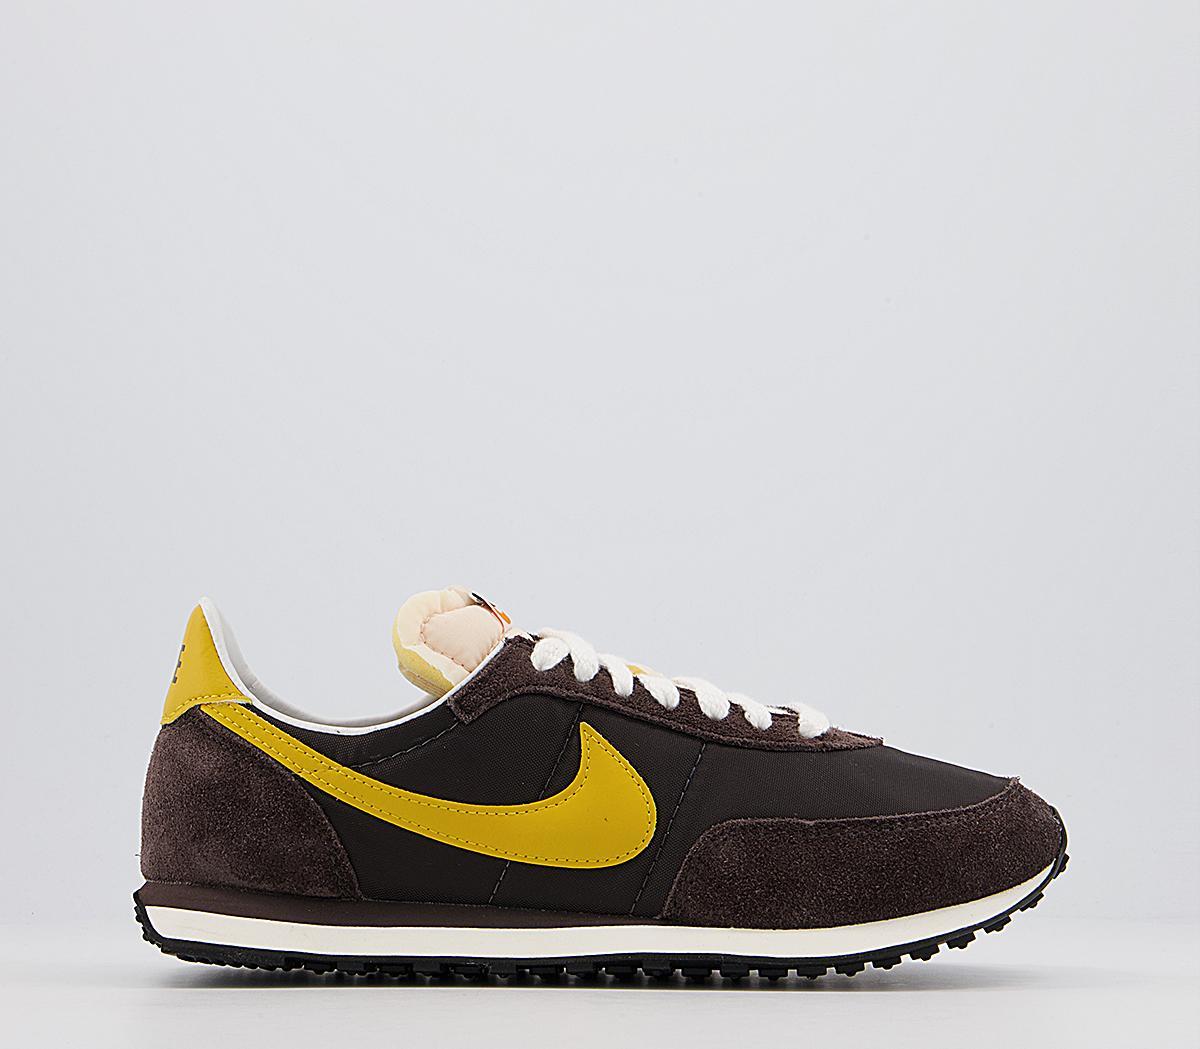 Nike Waffle 2 Trainers